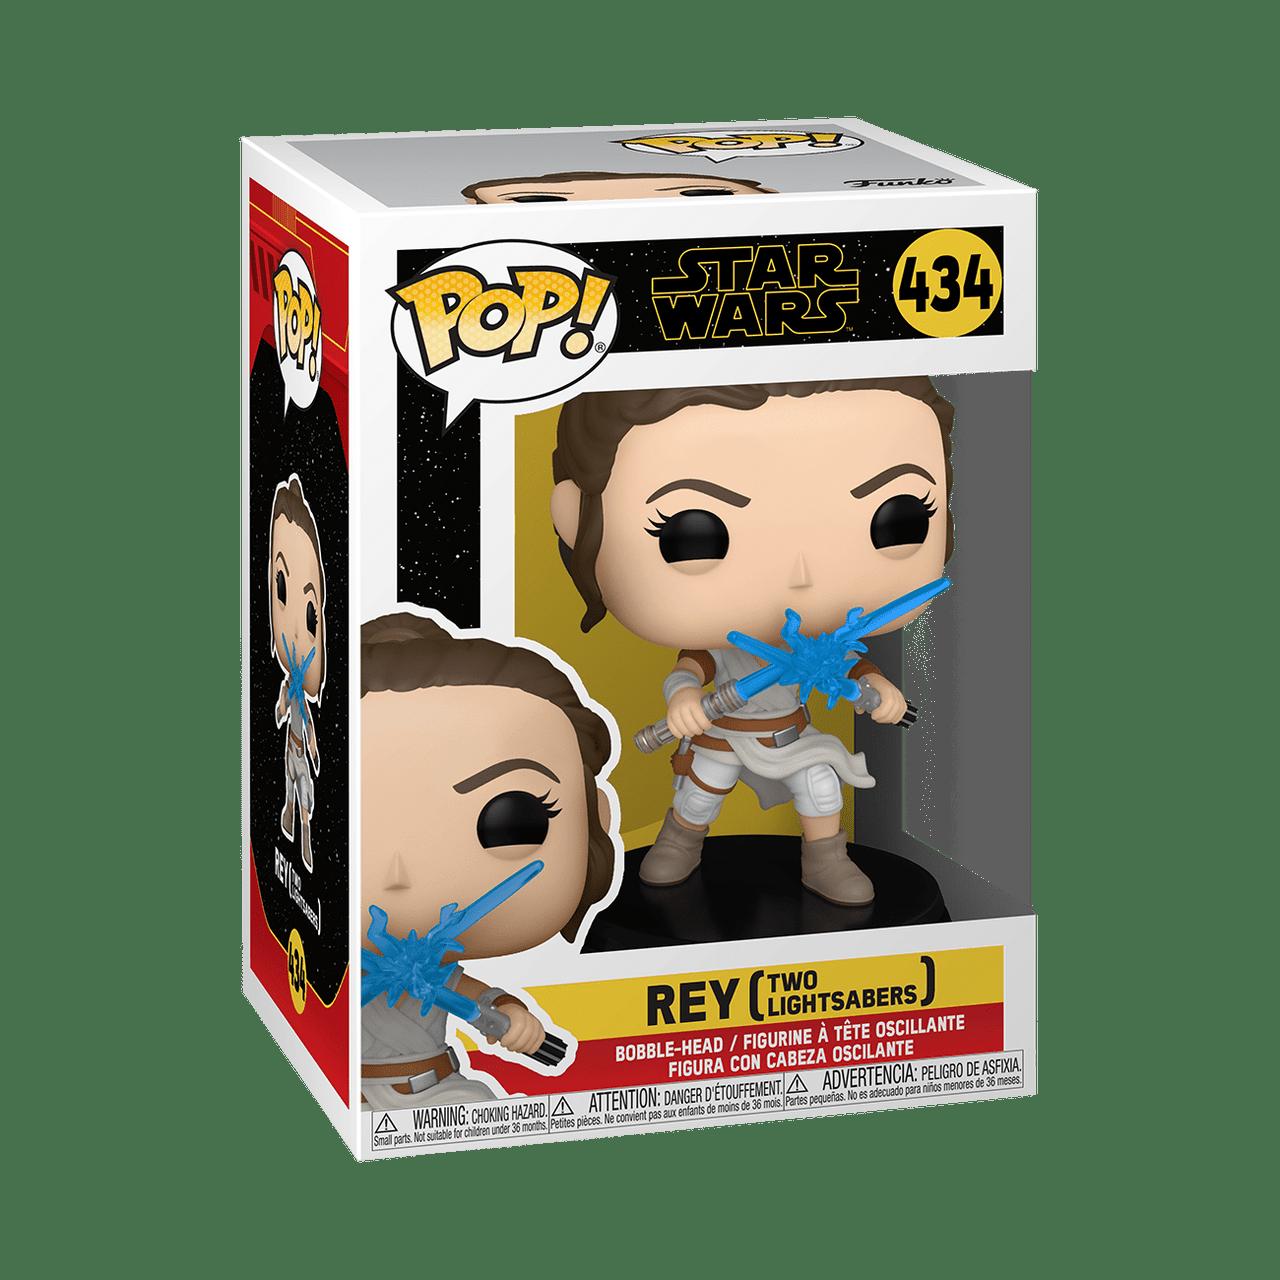 POP! Star Wars ~ Rise Of Skywalker ~ Rey (Two Lightsabers) #434